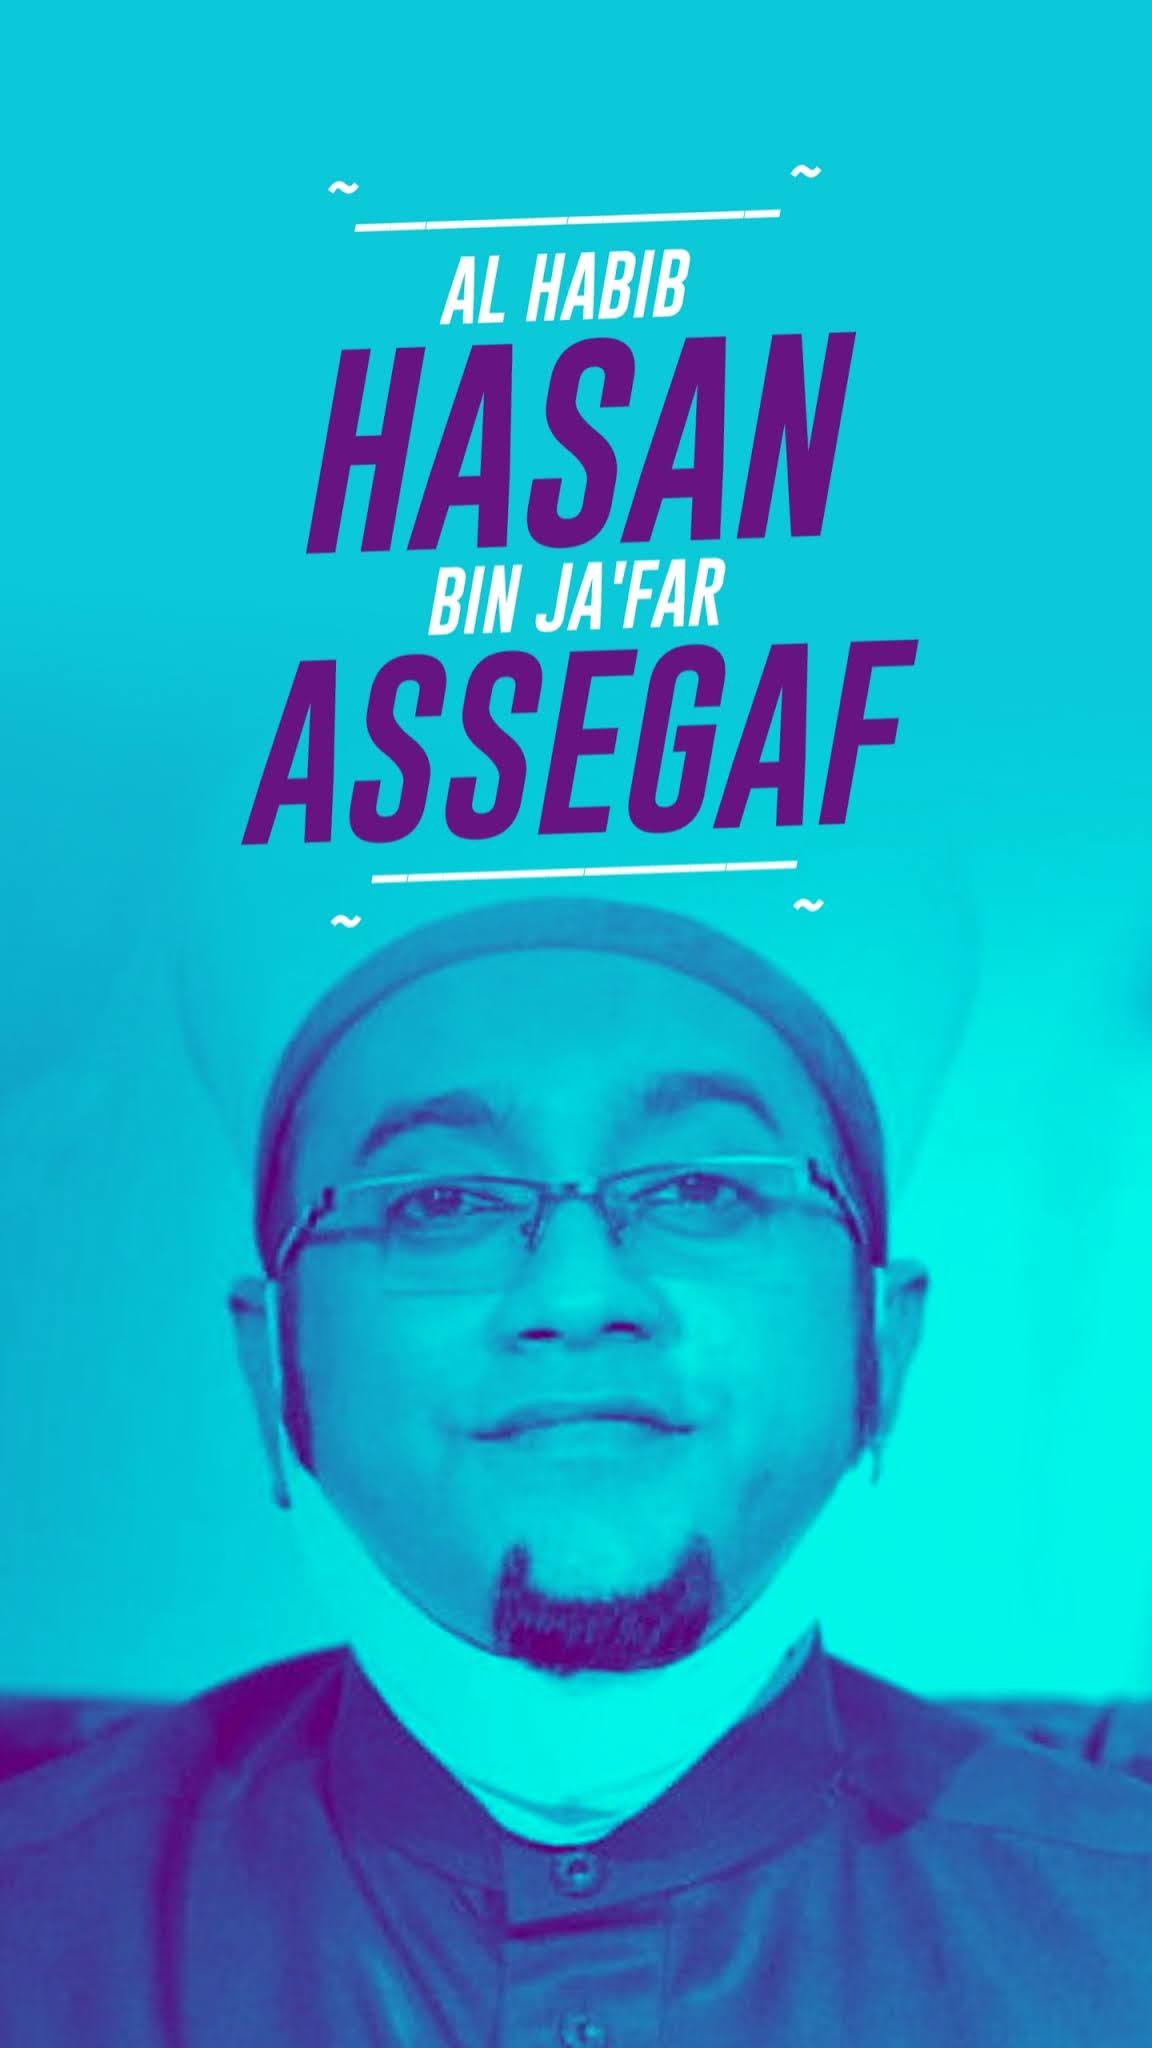 Download Wallpaper Habib Hasan 1310202